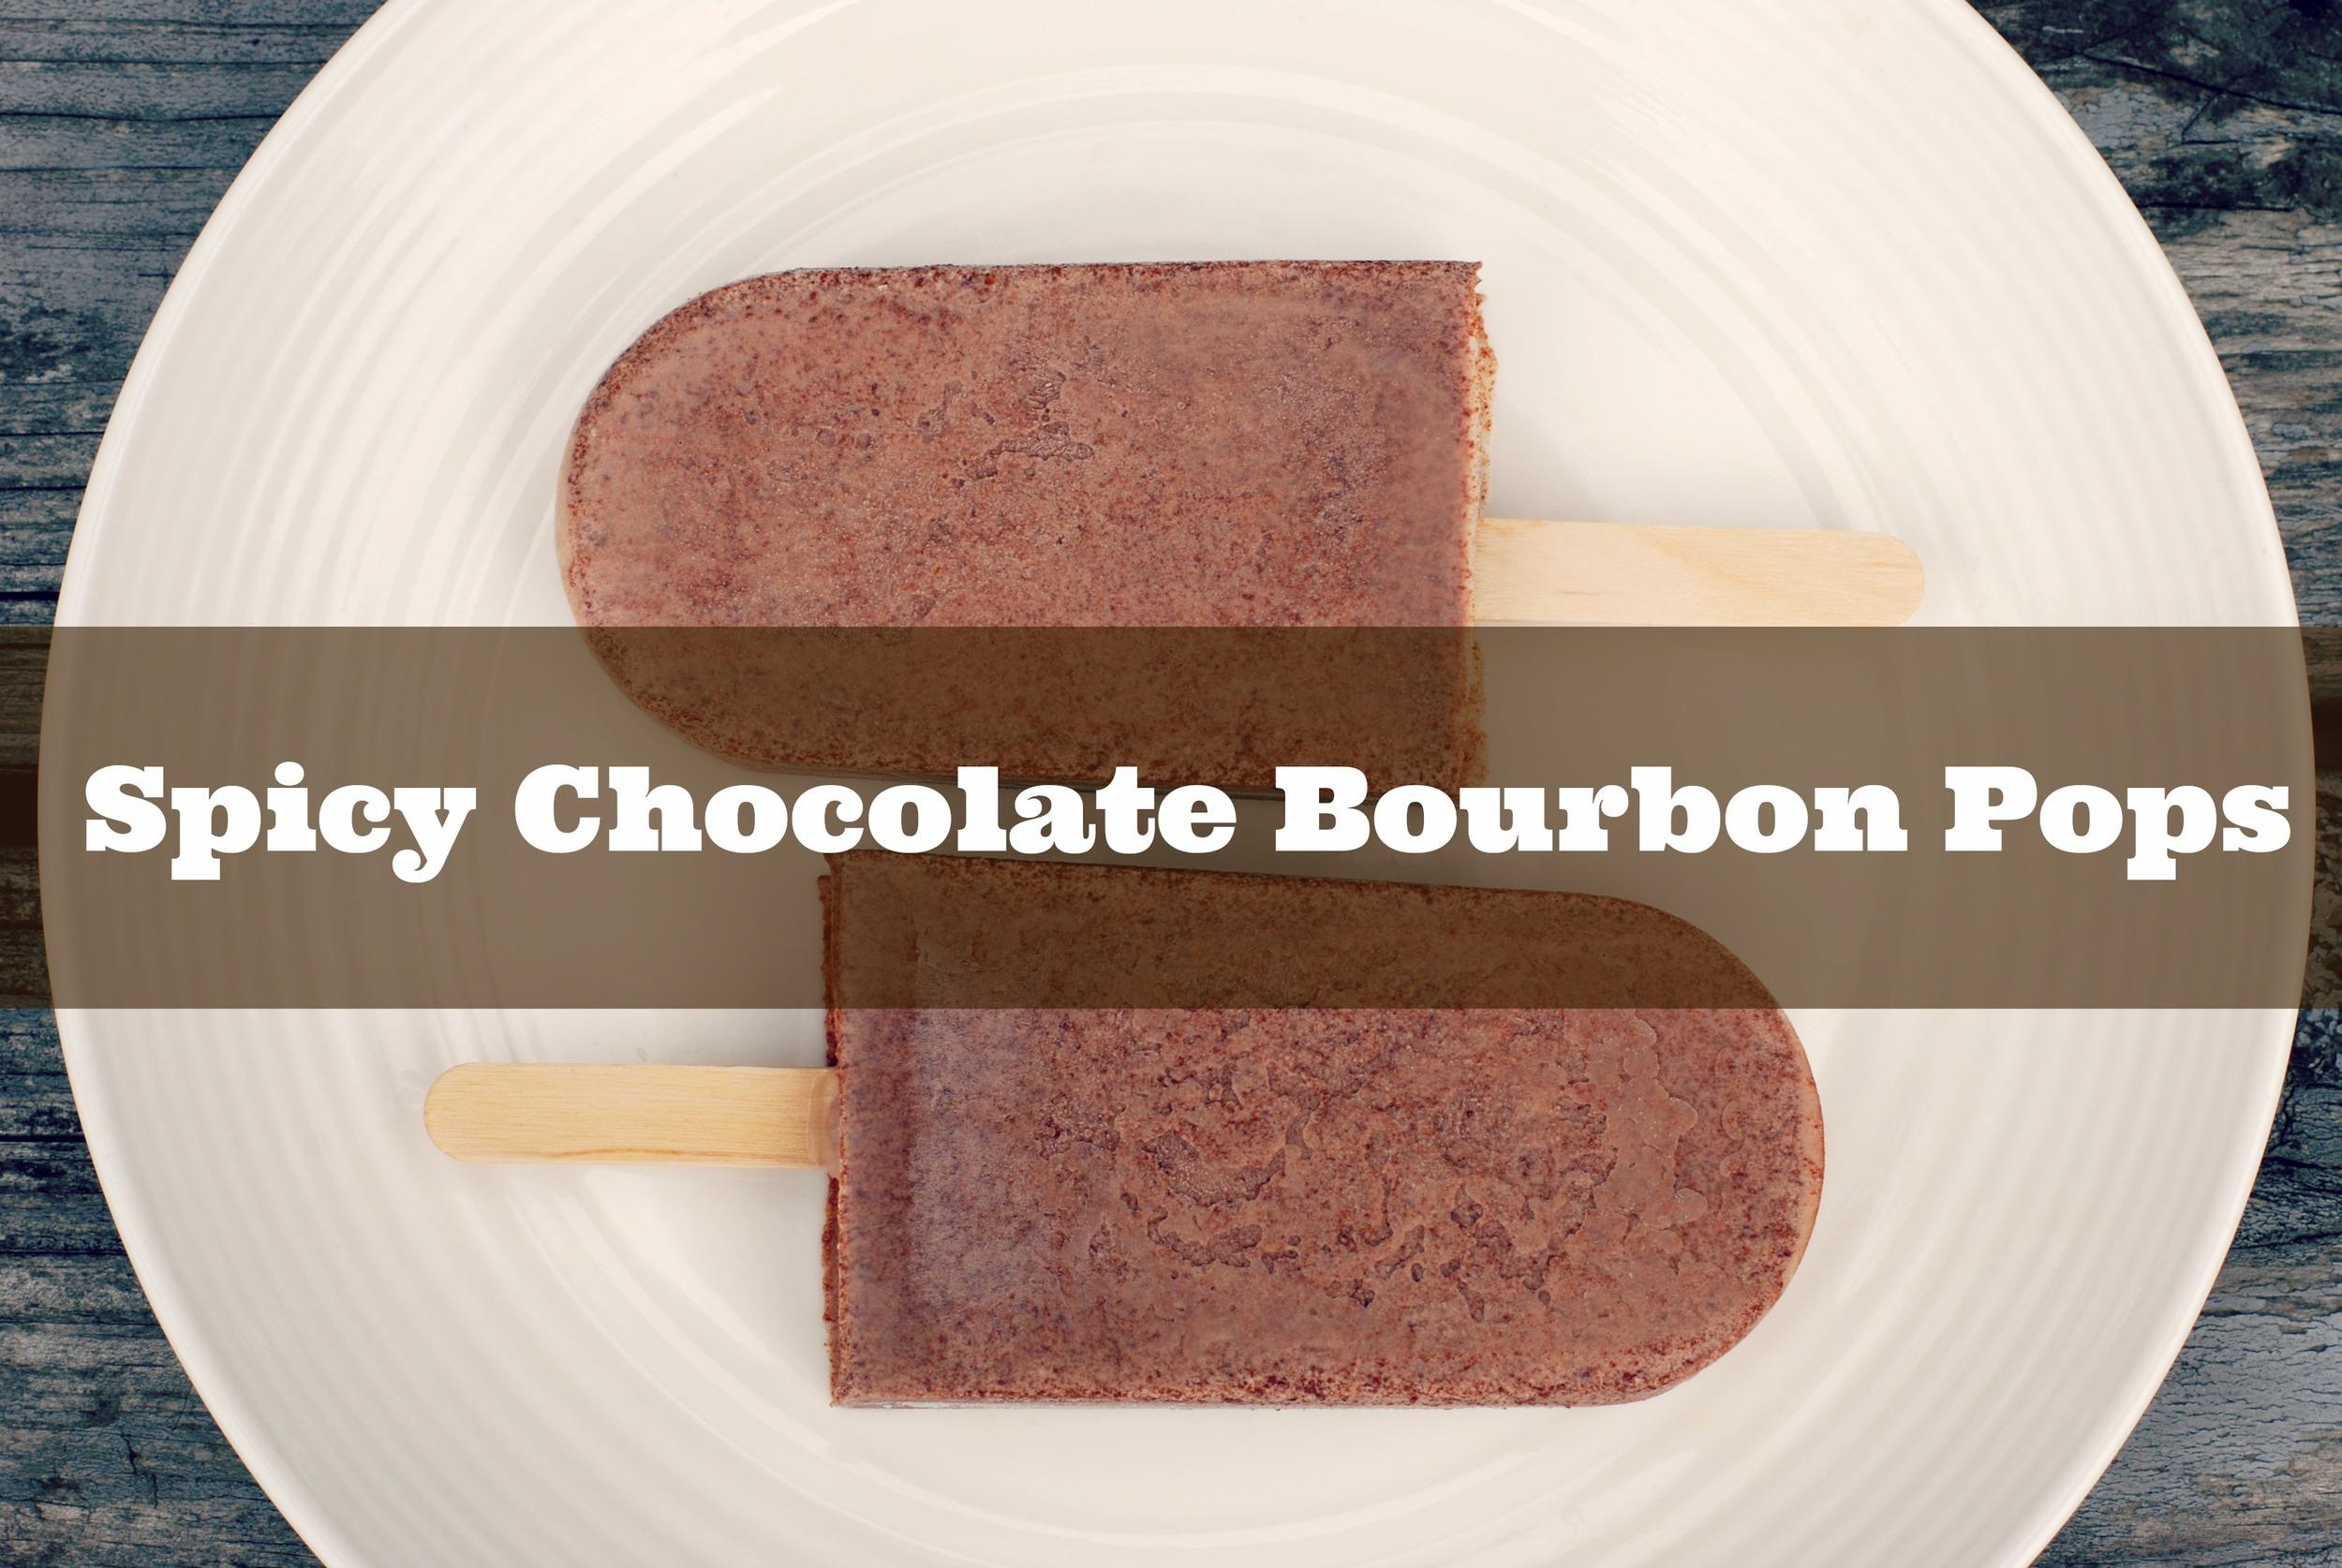 spicychocolatebourbonpops.jpg